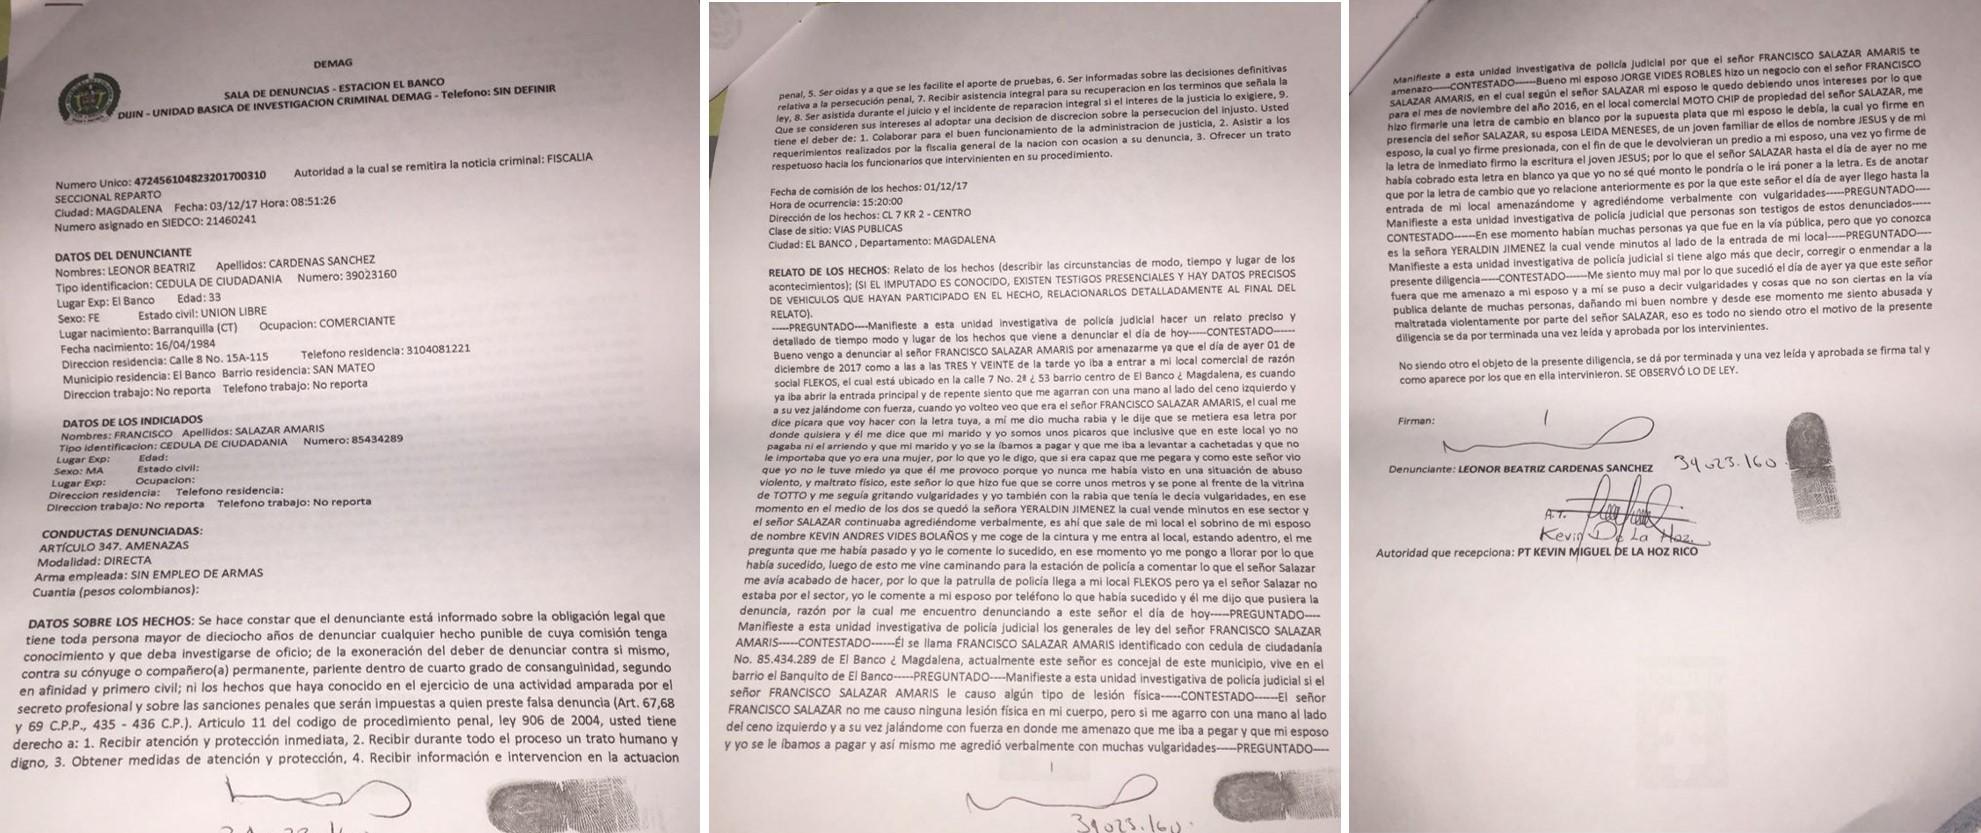 La denuncia de Leonor Cárdenas Sánchez.